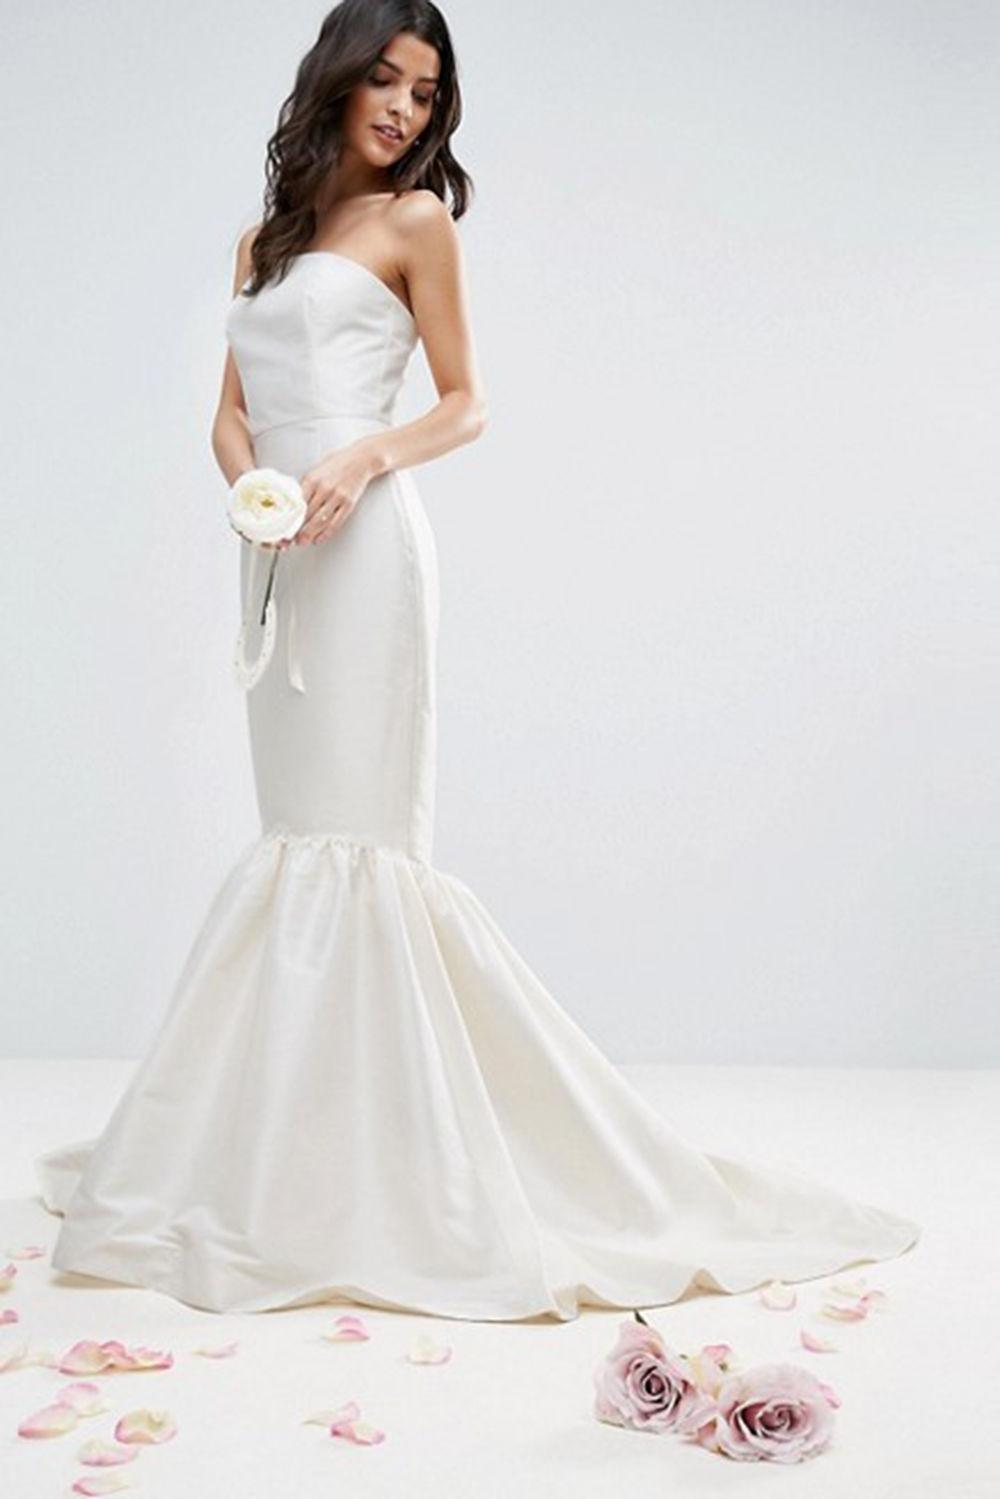 15 Top Schöne Brautkleider Stylish Luxus Schöne Brautkleider Bester Preis